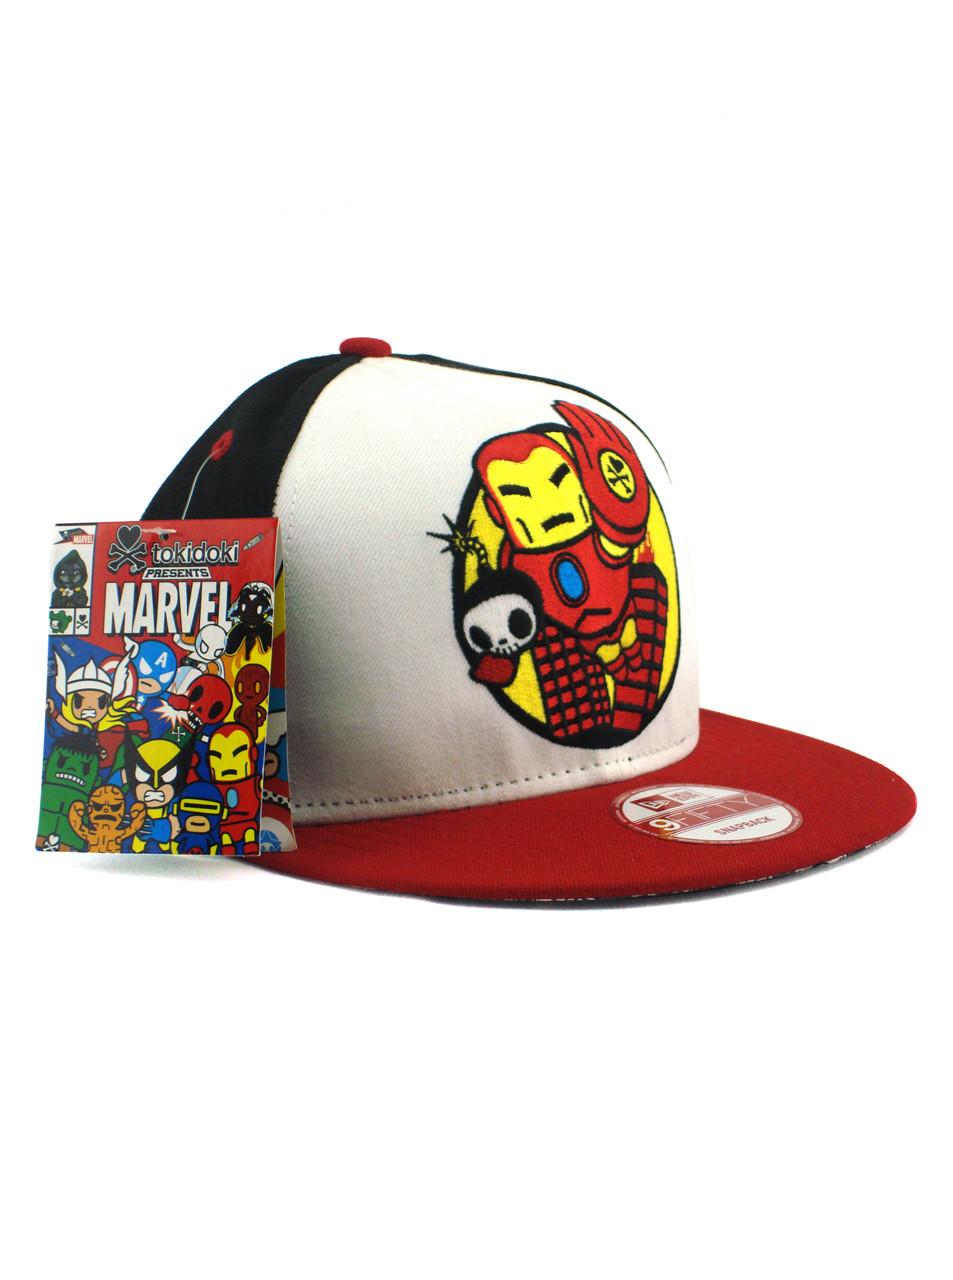 New Era Tokidoki Iron Man   Ciao Ciao 9fifty Snapback Hat View 1 01017ad0b9aa